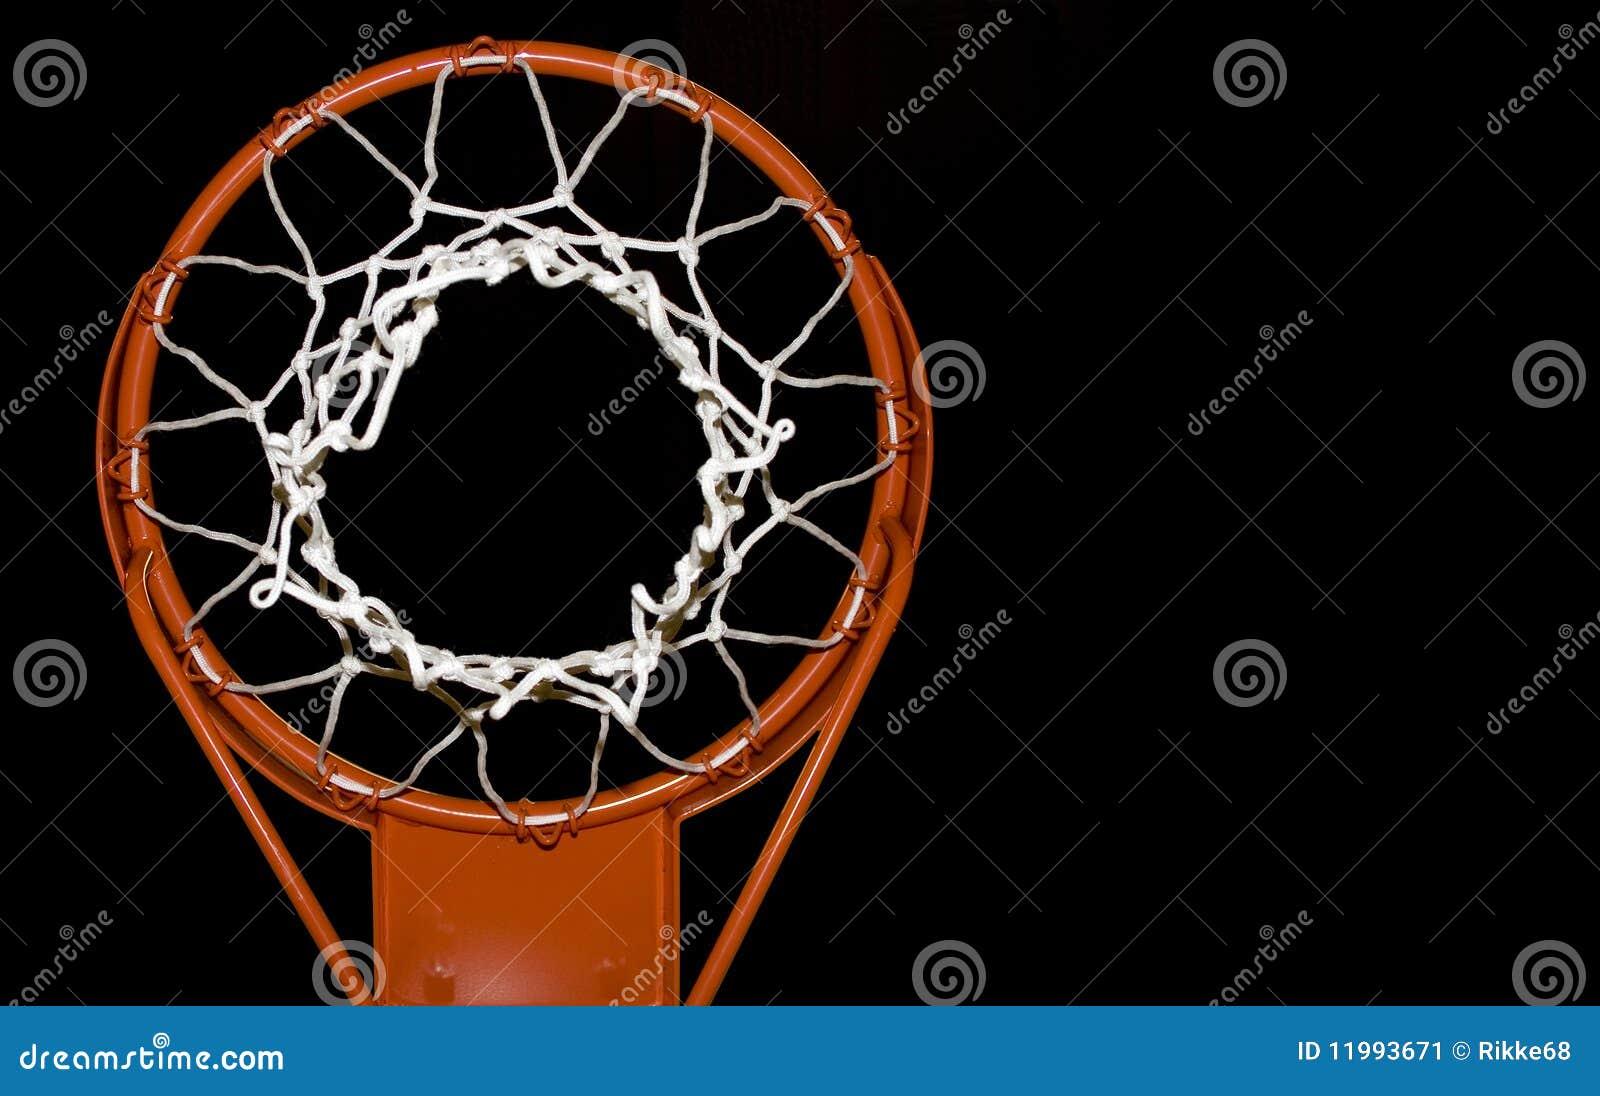 Netto basketbal